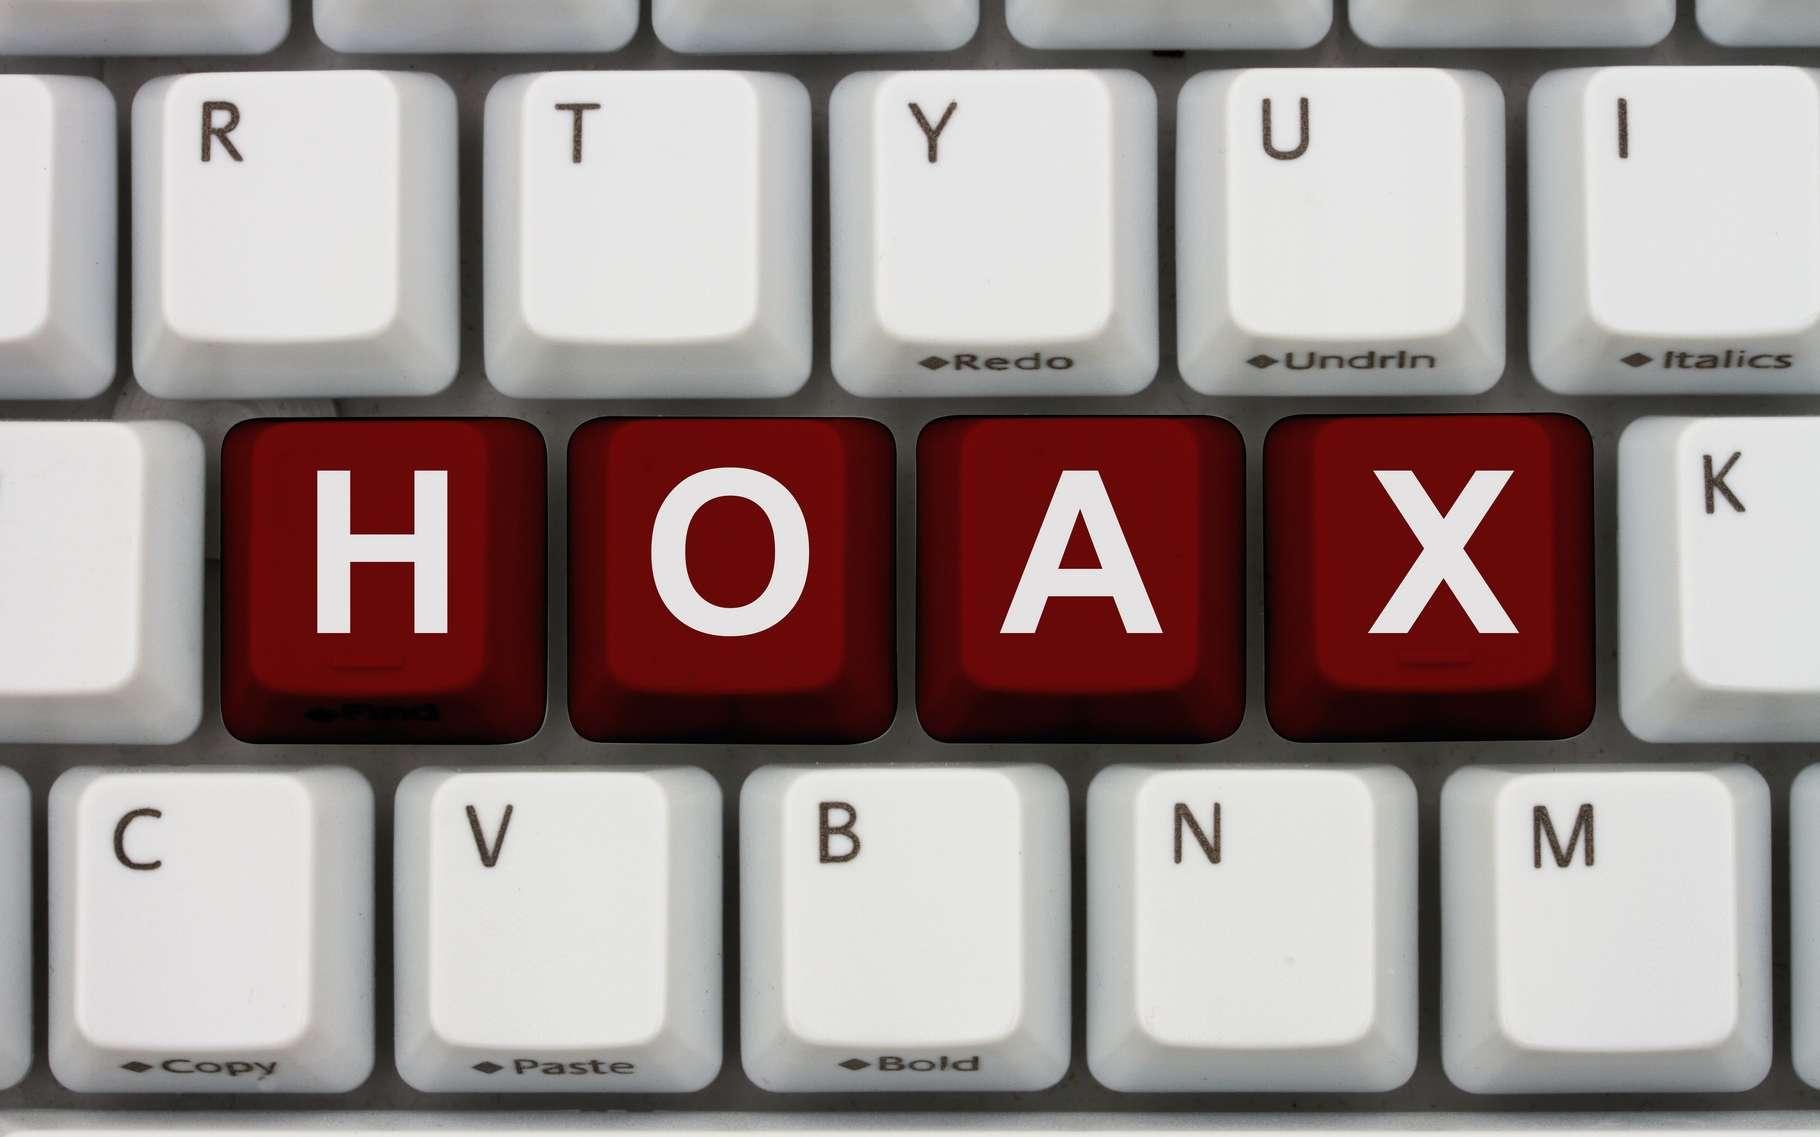 Un hoax, ou canular informatique, se propage le plus souvent via le courrier électronique ou les réseaux sociaux. © Karen Roach, Shutterstock